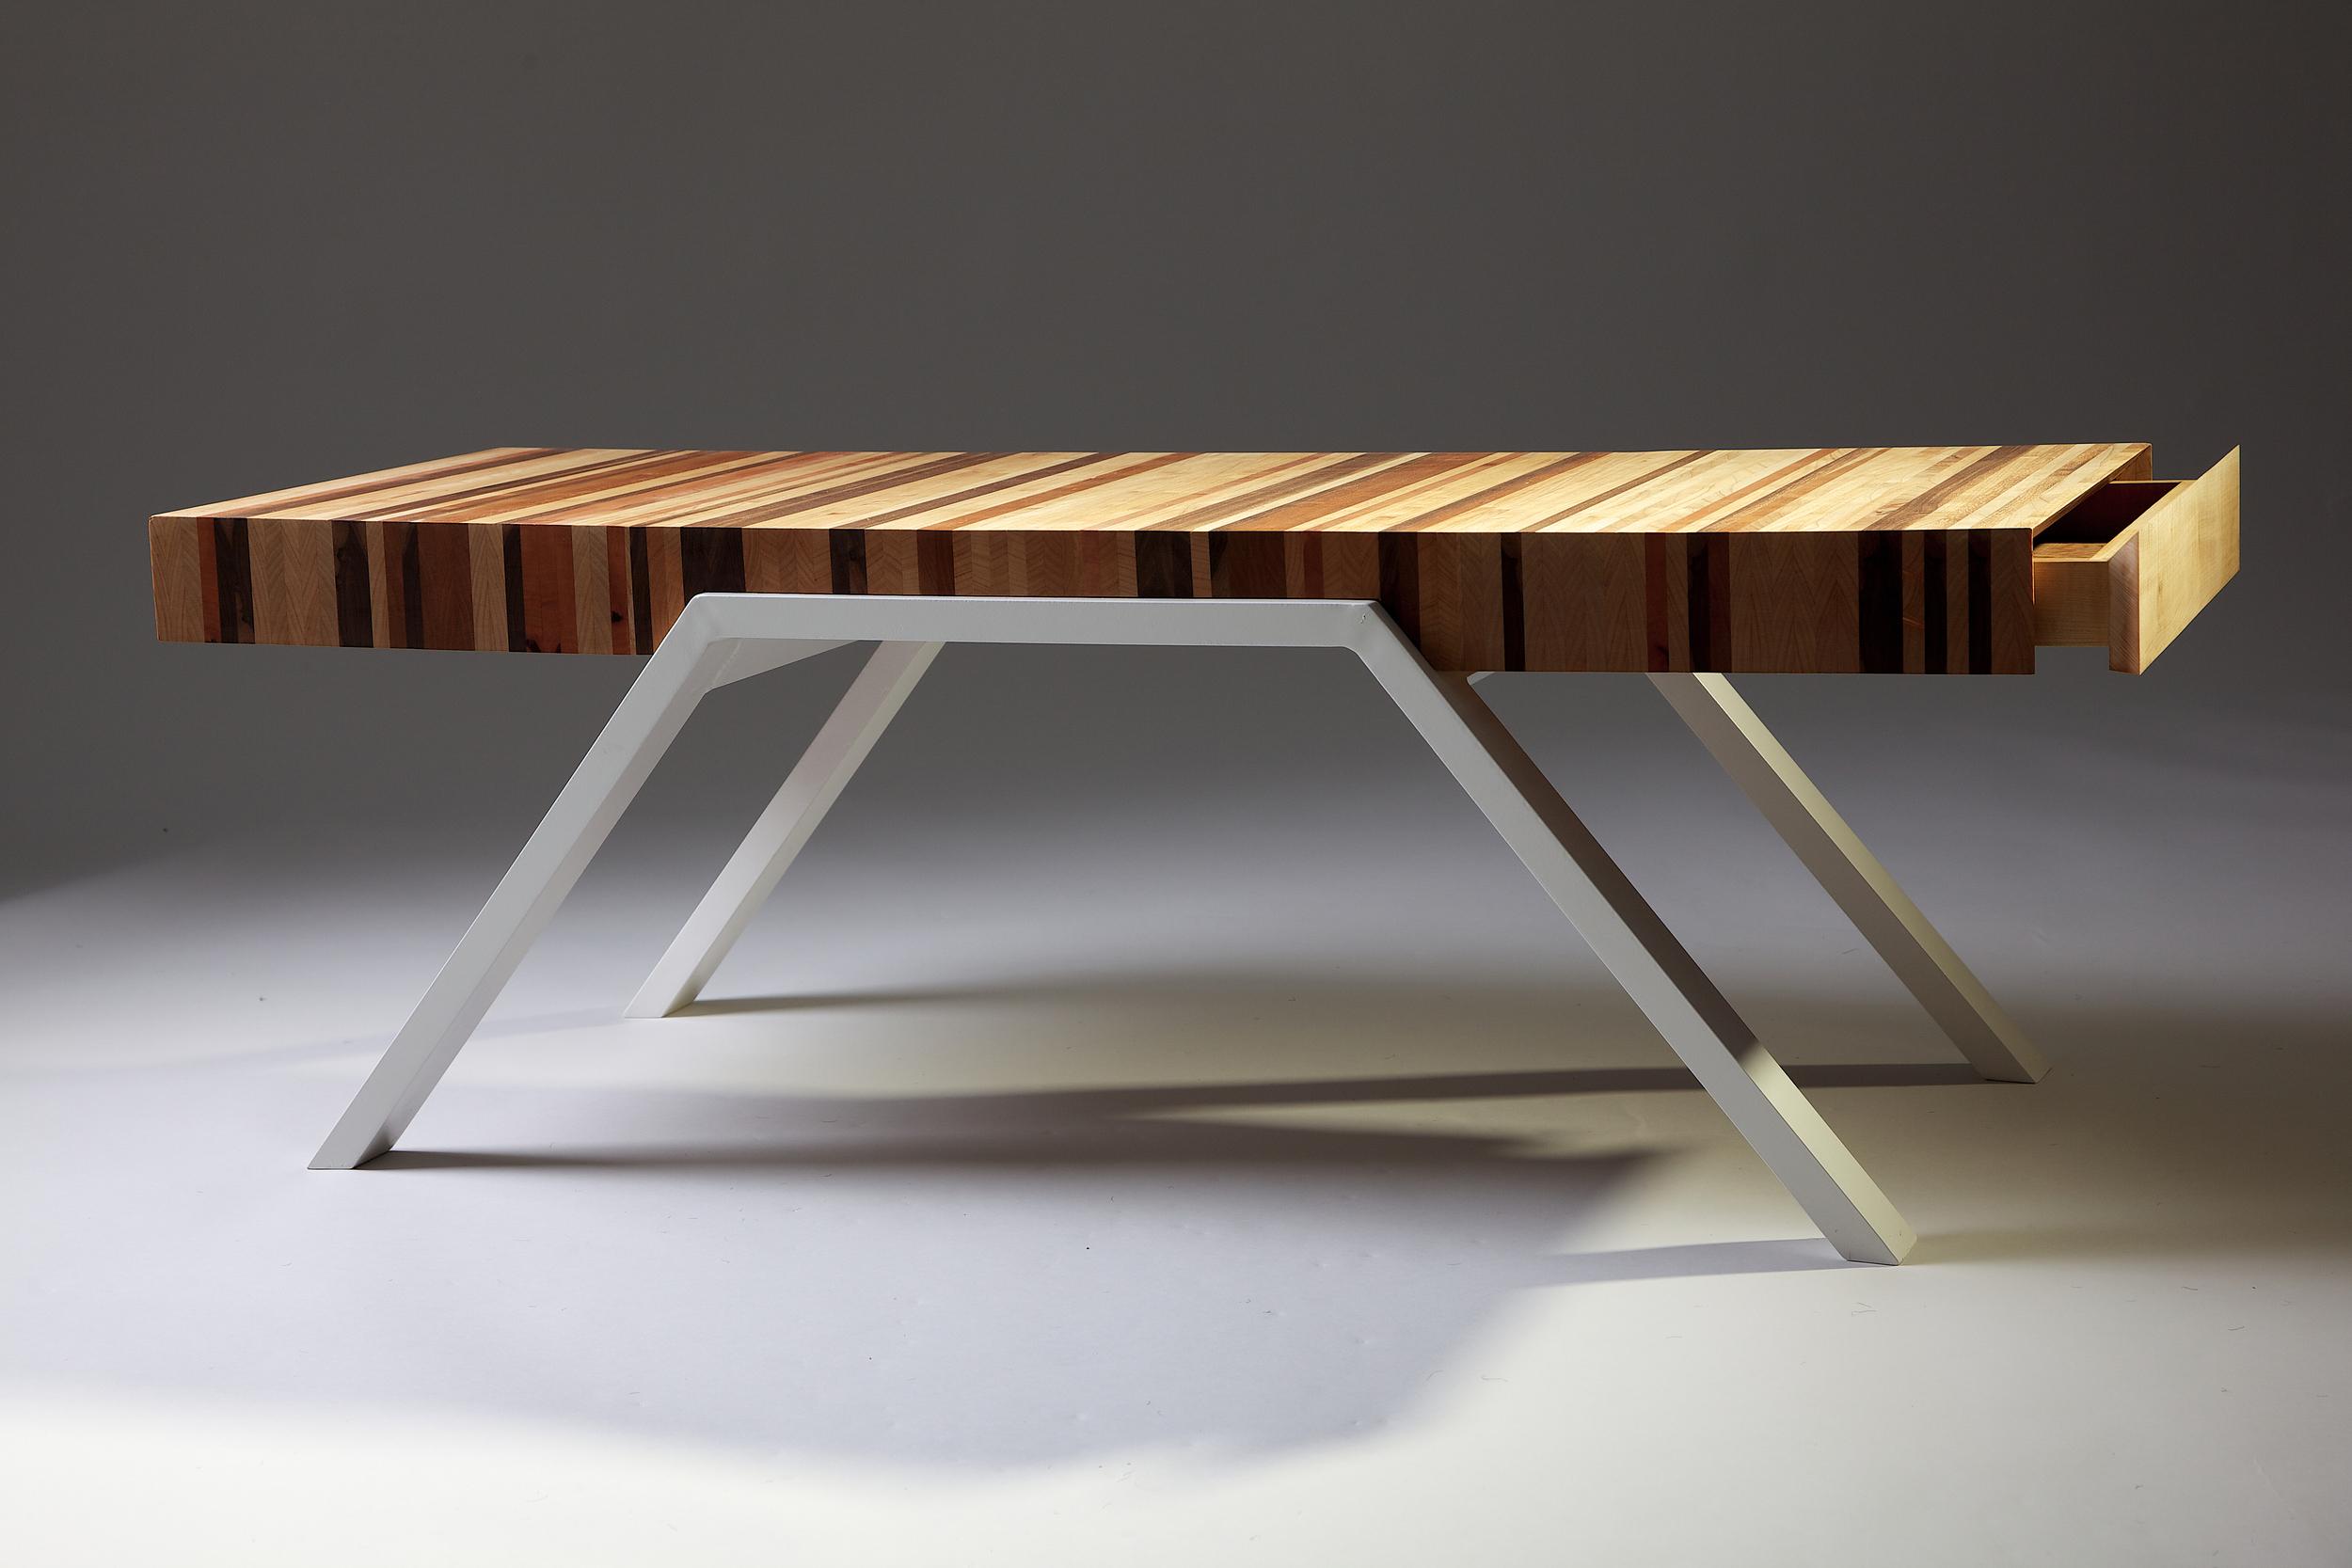 Humbug Table